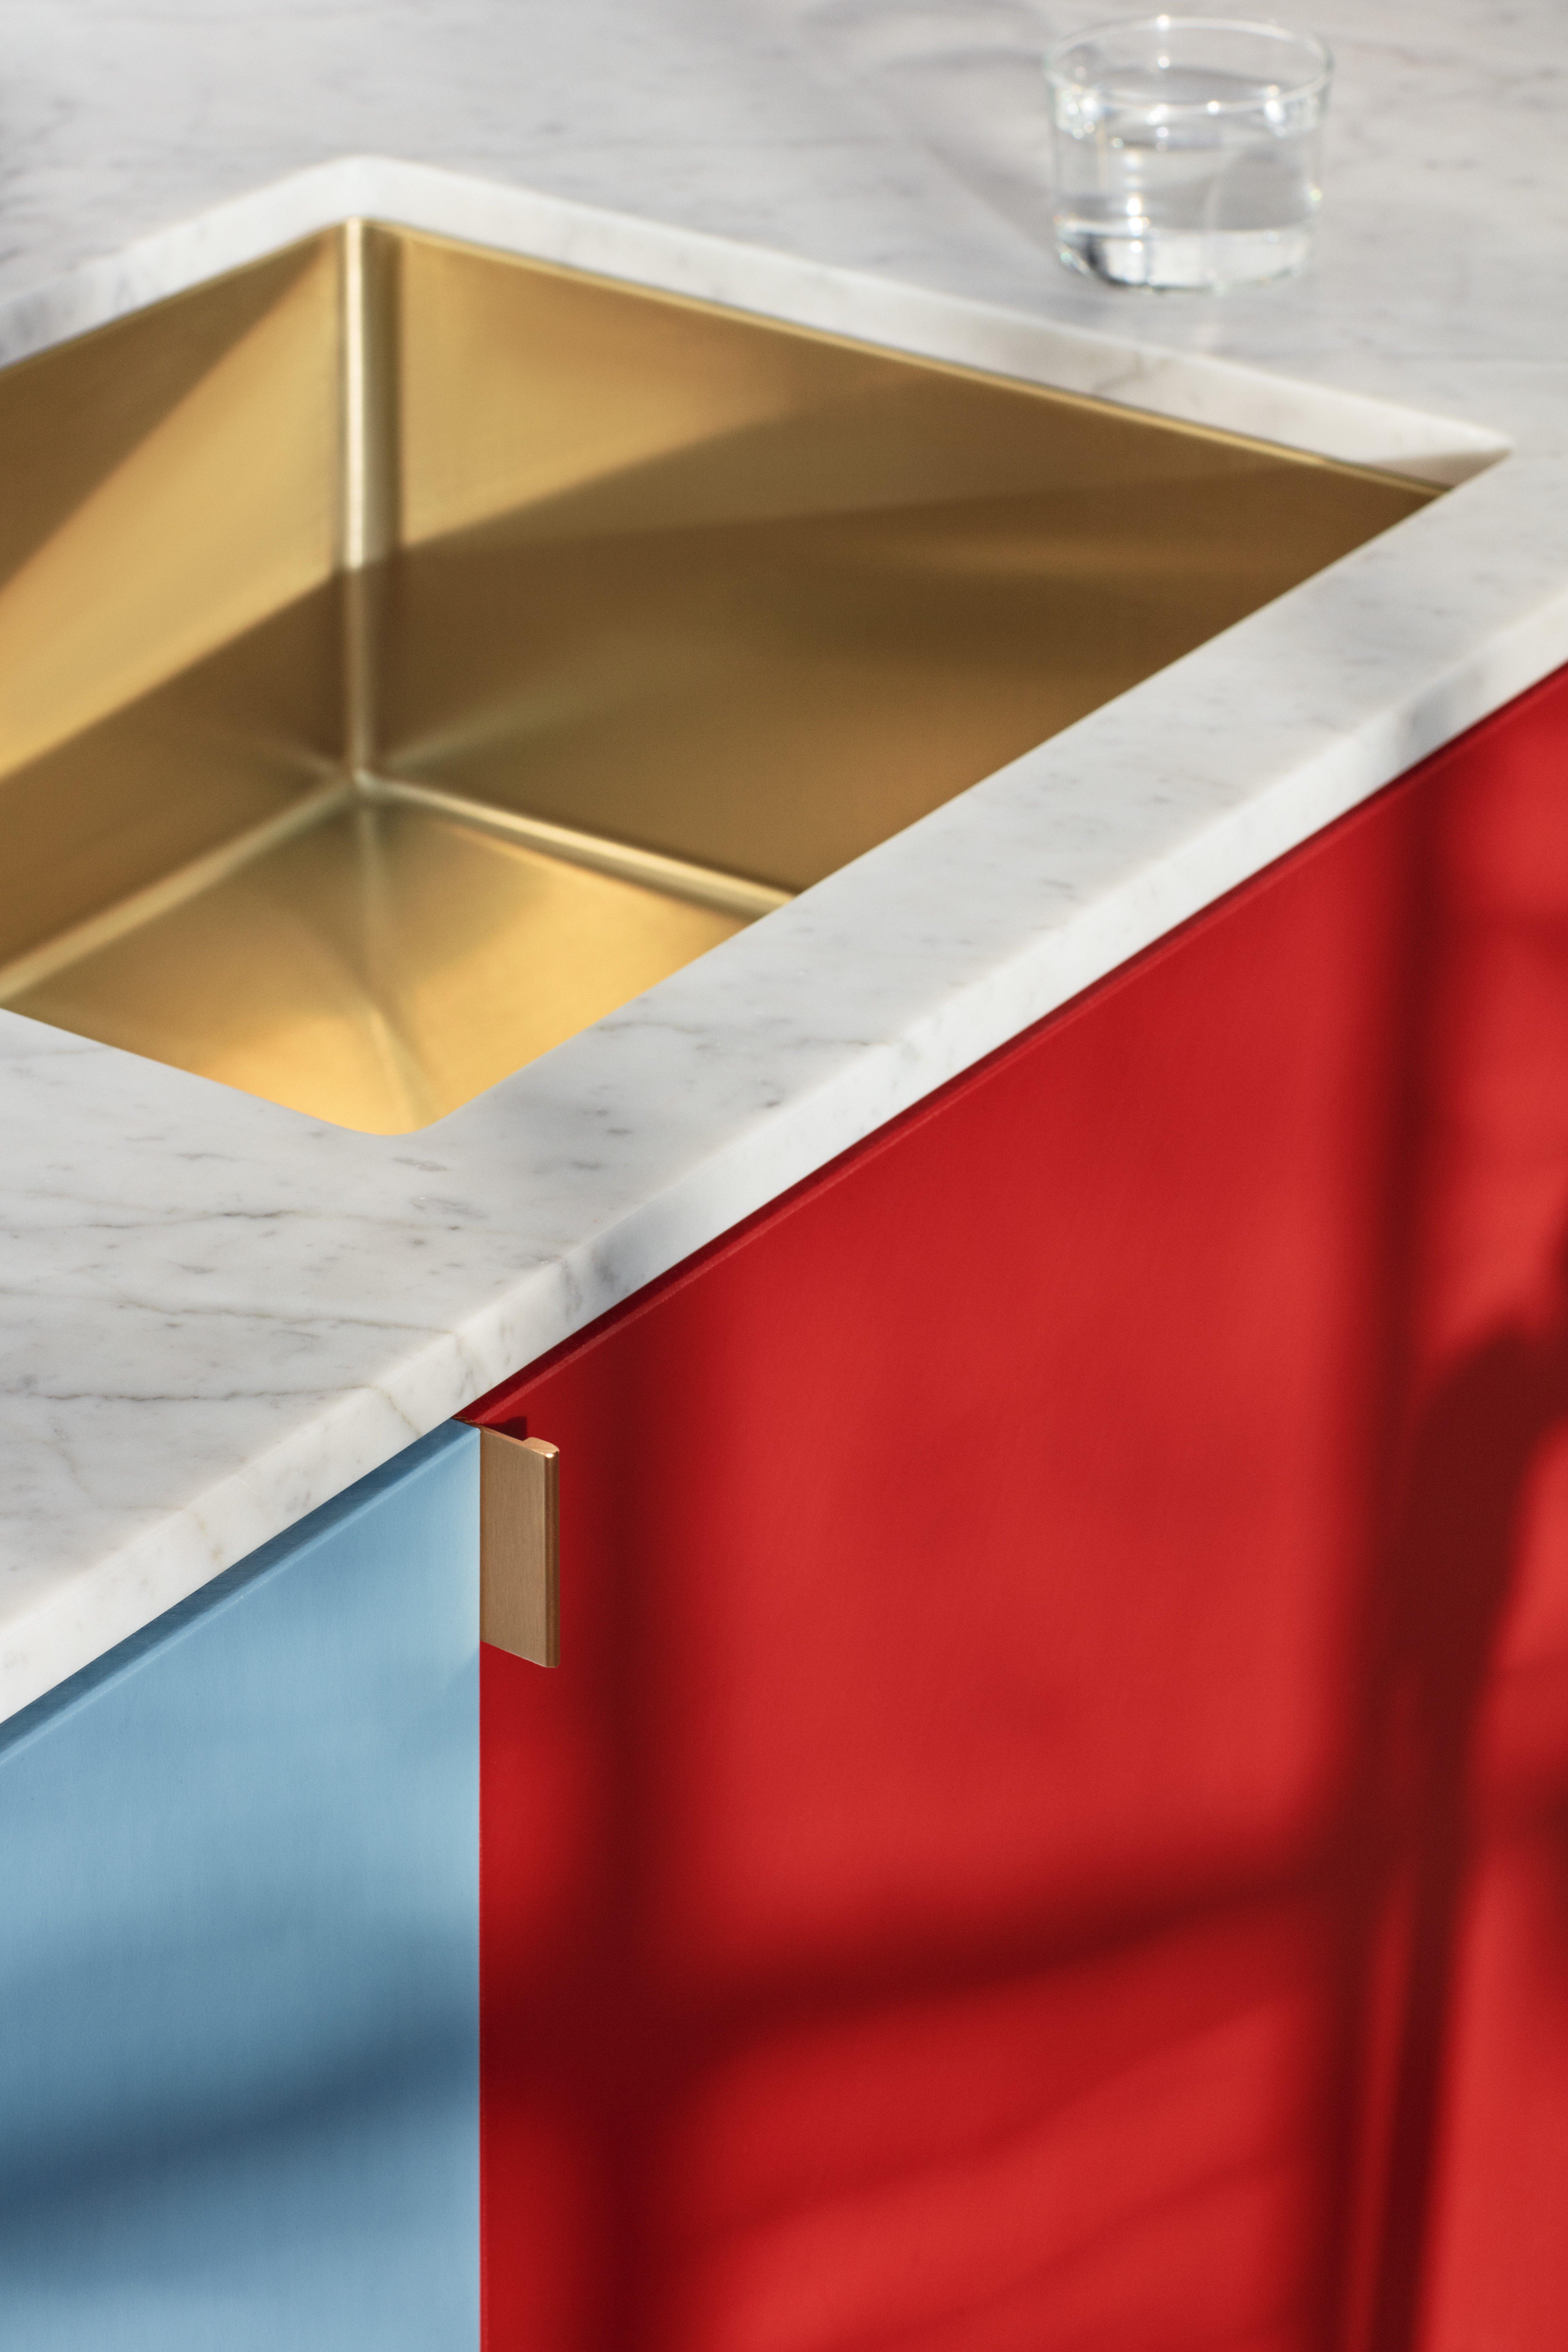 Reform colorful kitchen cabinets by Müller van Severen for Reform.